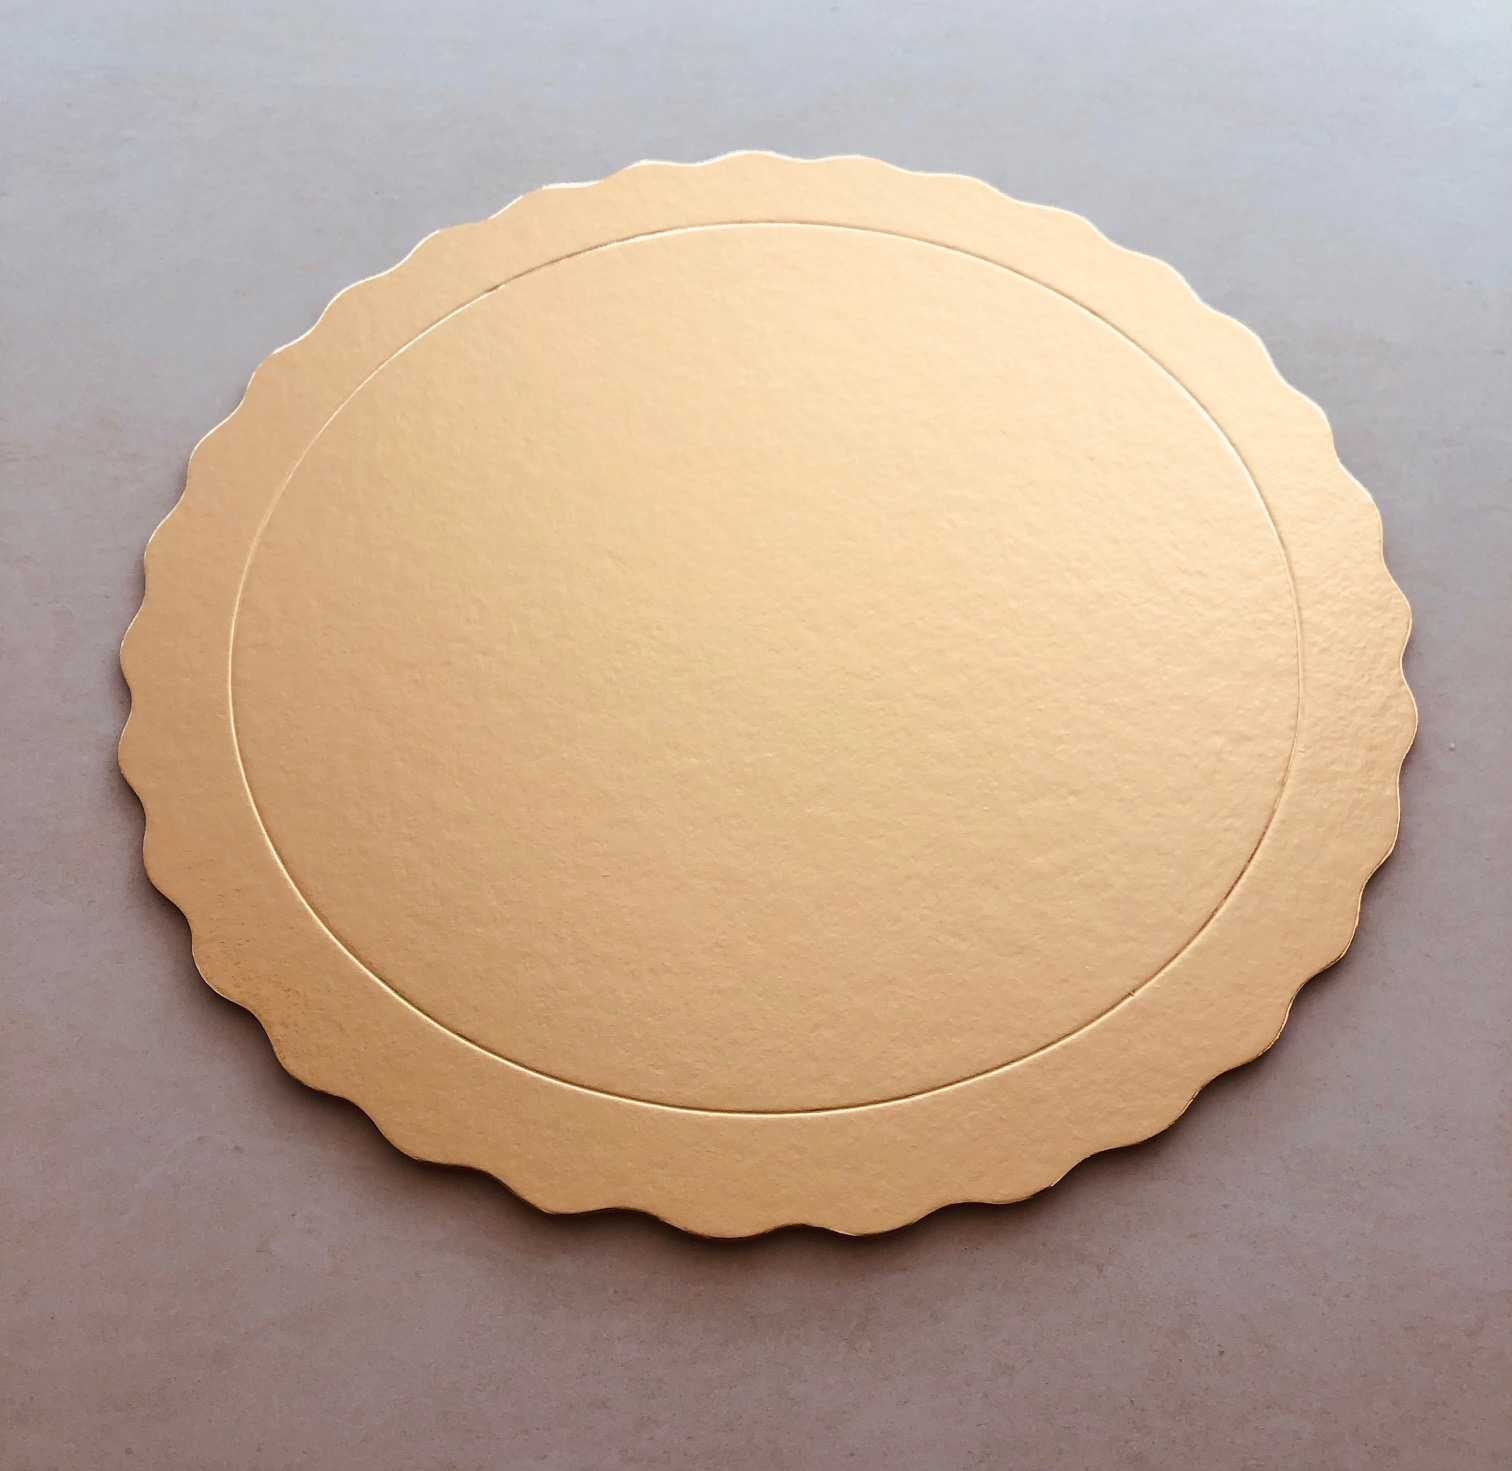 20 Bases Laminadas Para Bolo Redondo, Cake Board 35 cm - Ouro